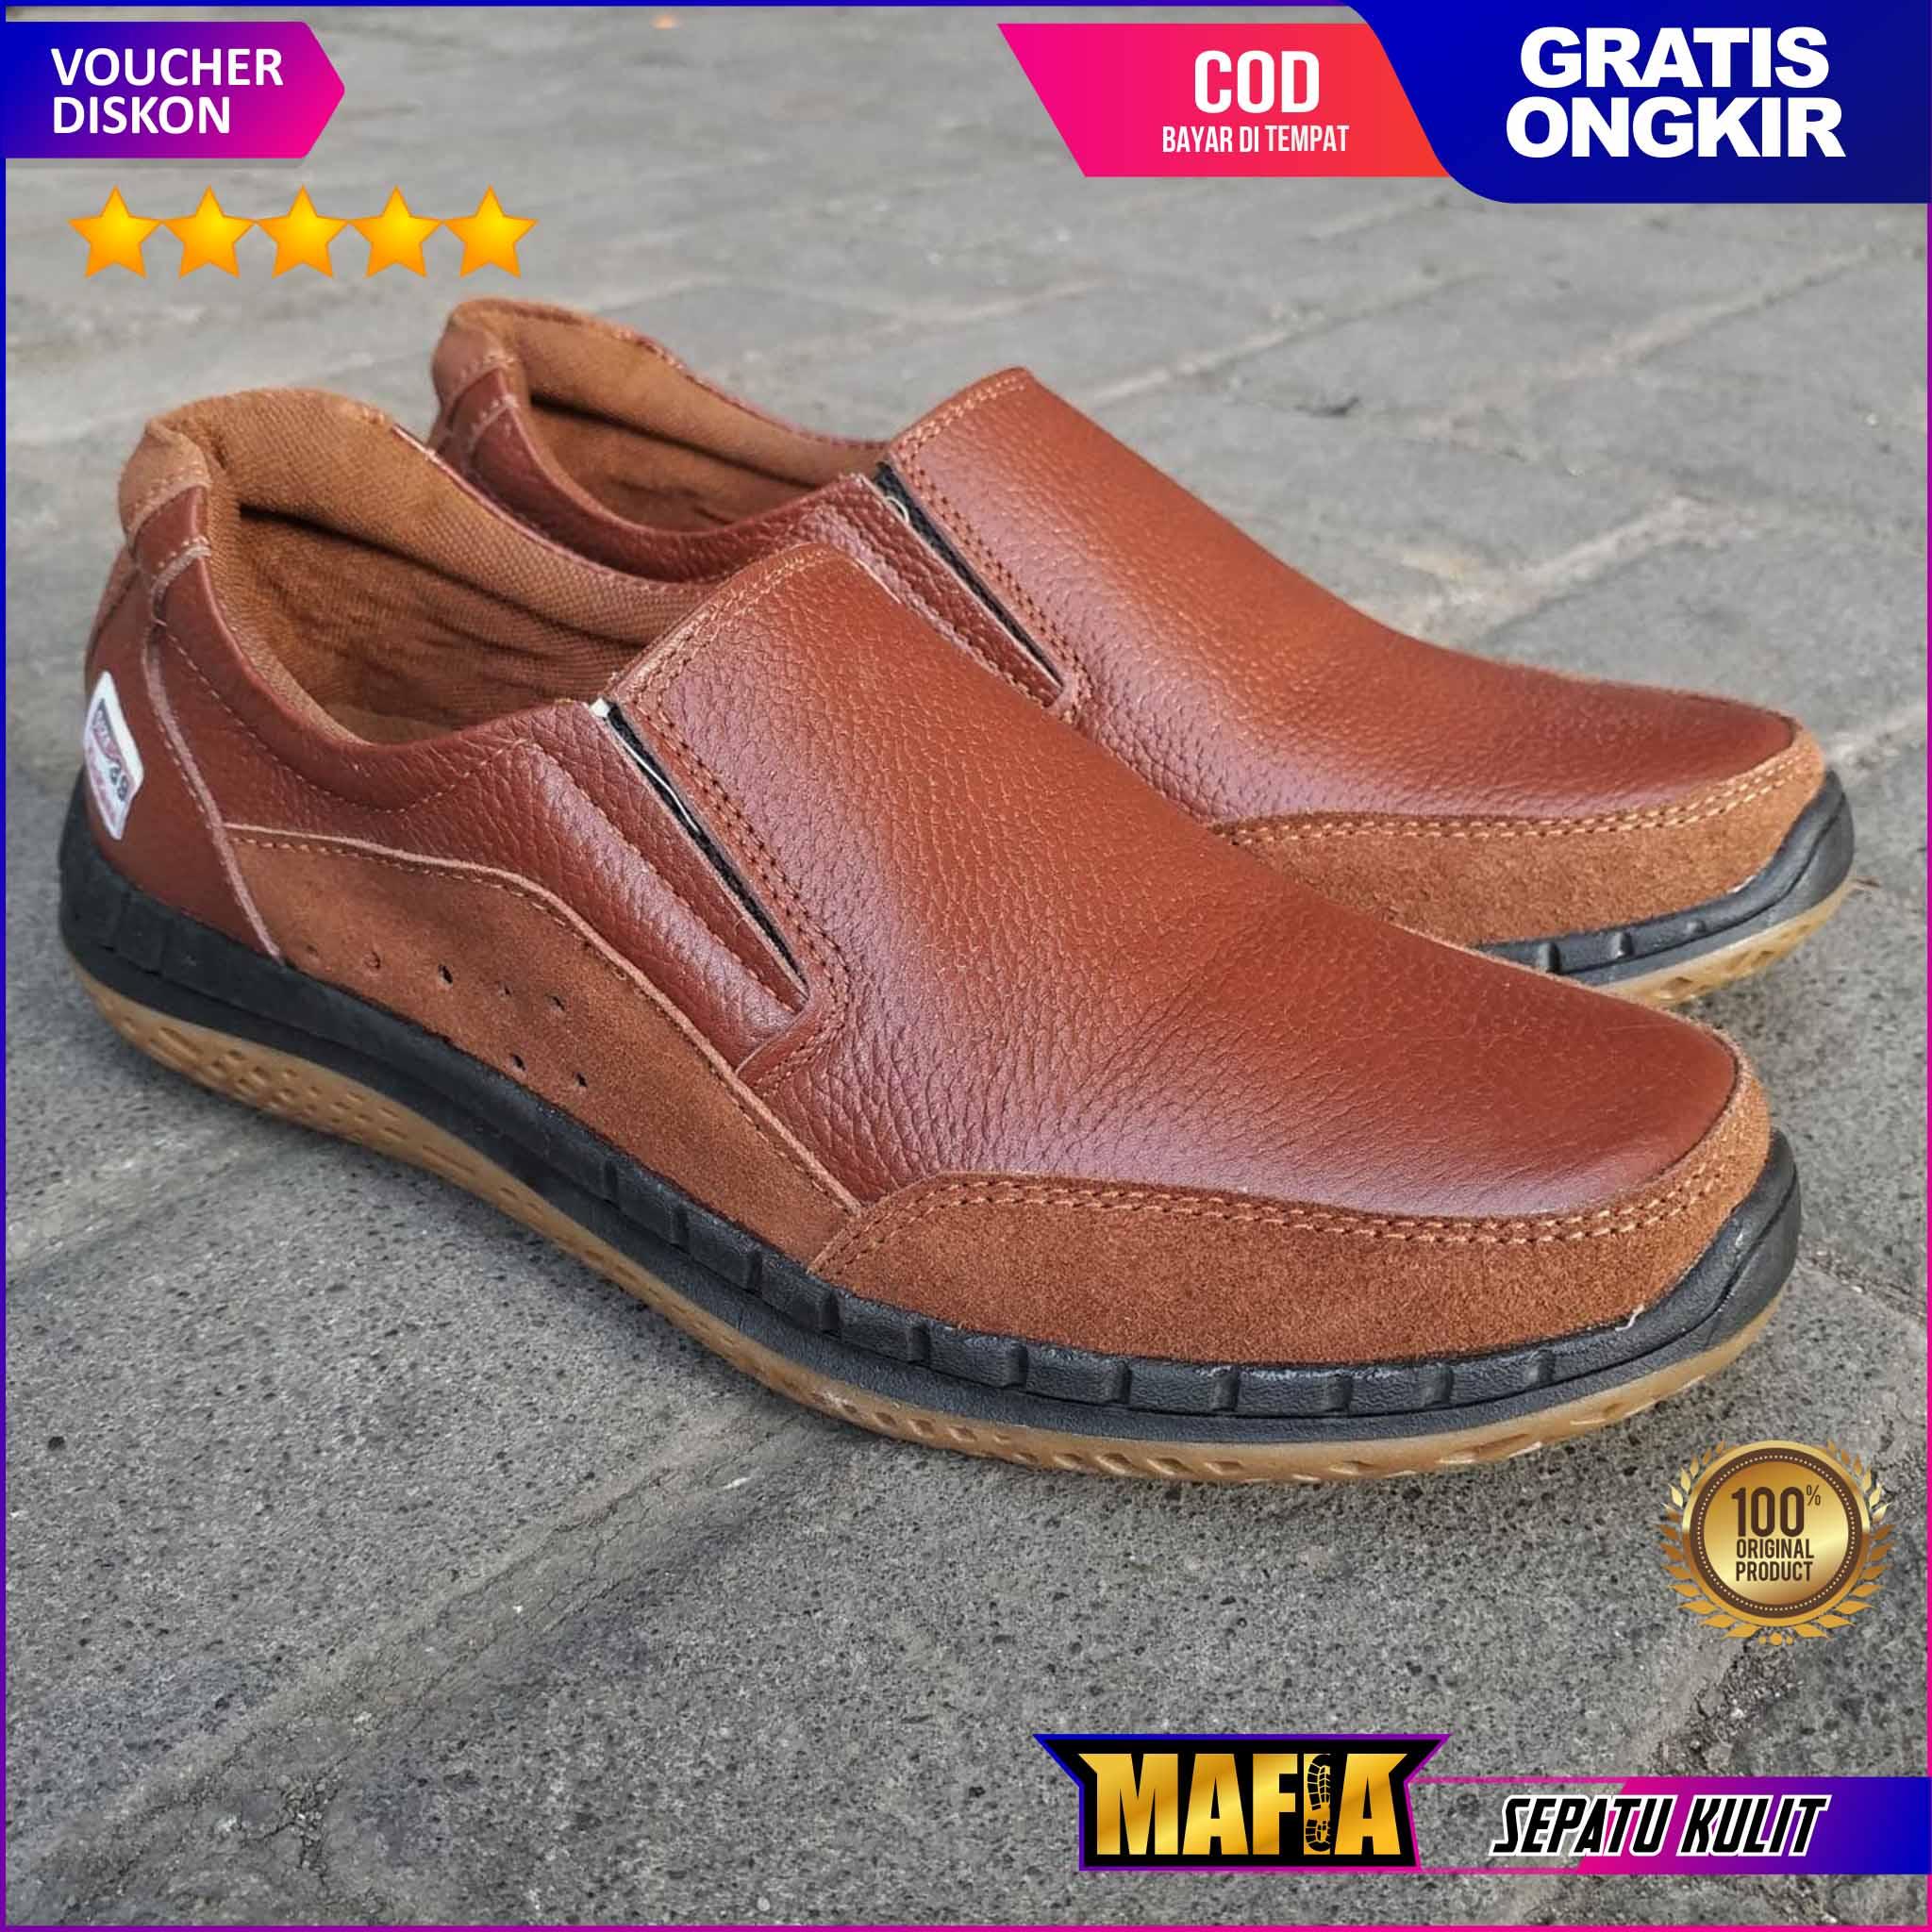 sepatu pria kulit sapi asli original cevany sepatu casual sepatu kasual sneakers kuli formal santai original cevany